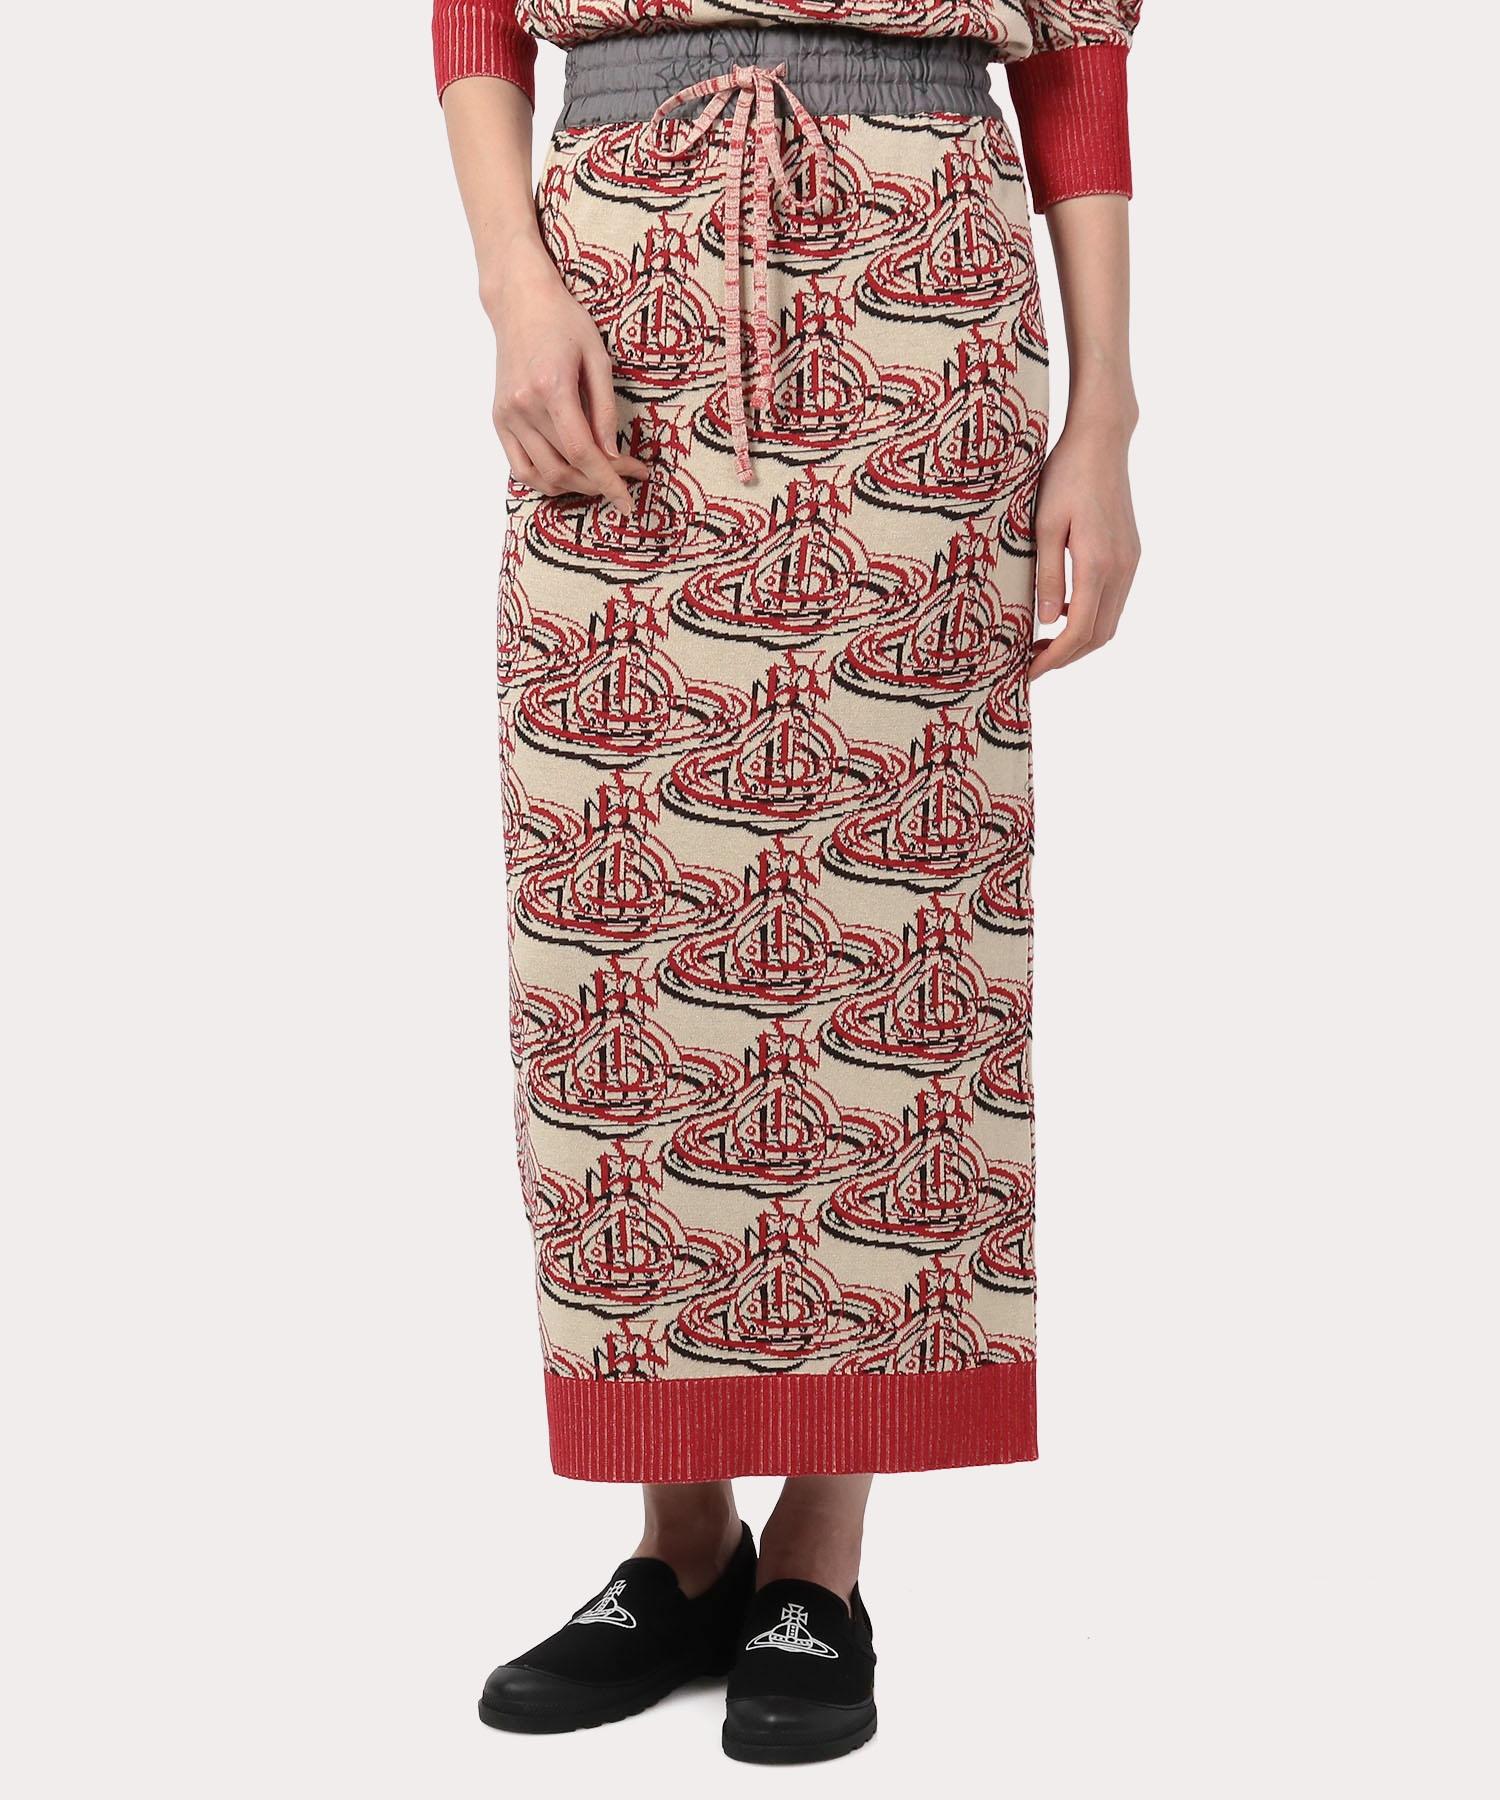 カプセルコレクション ORBリピート ロングスカート